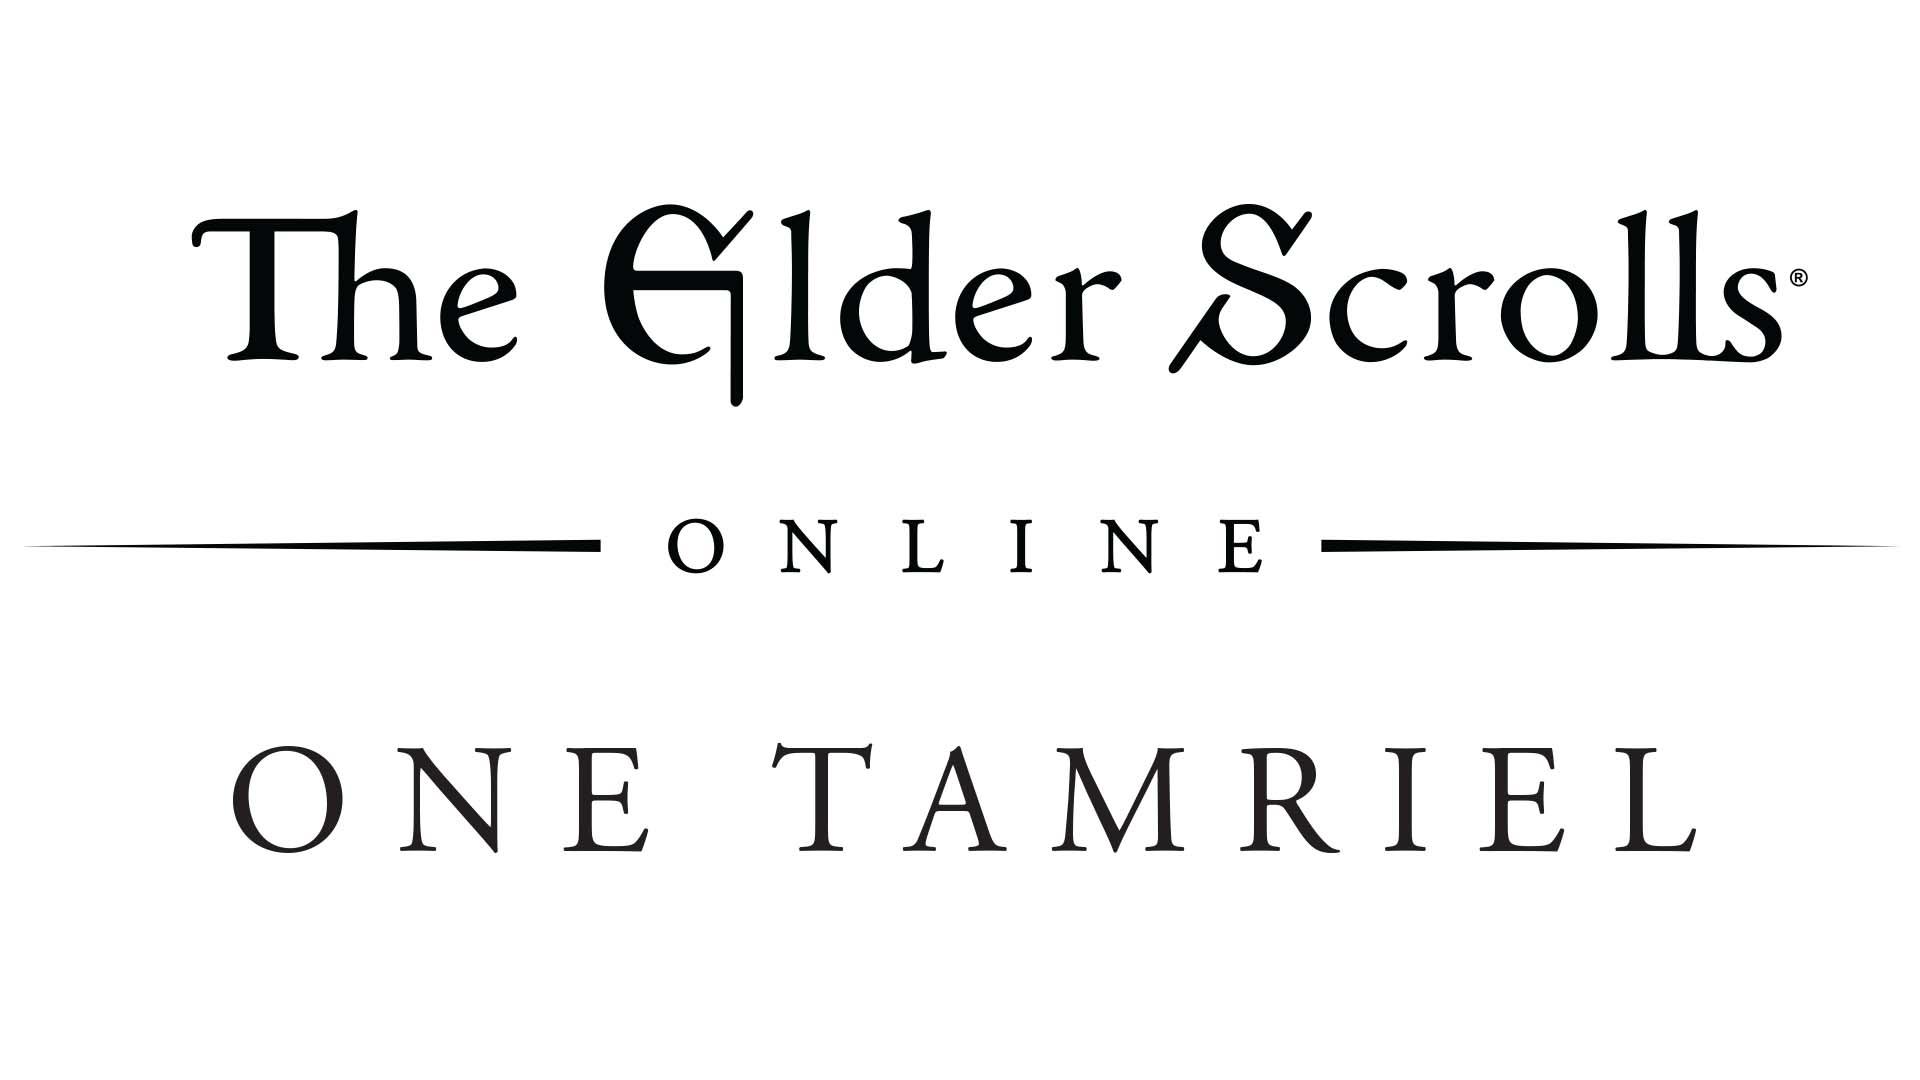 Neuigkeiten zu The Elder Scrolls Online und The Elder Scrolls: Legends